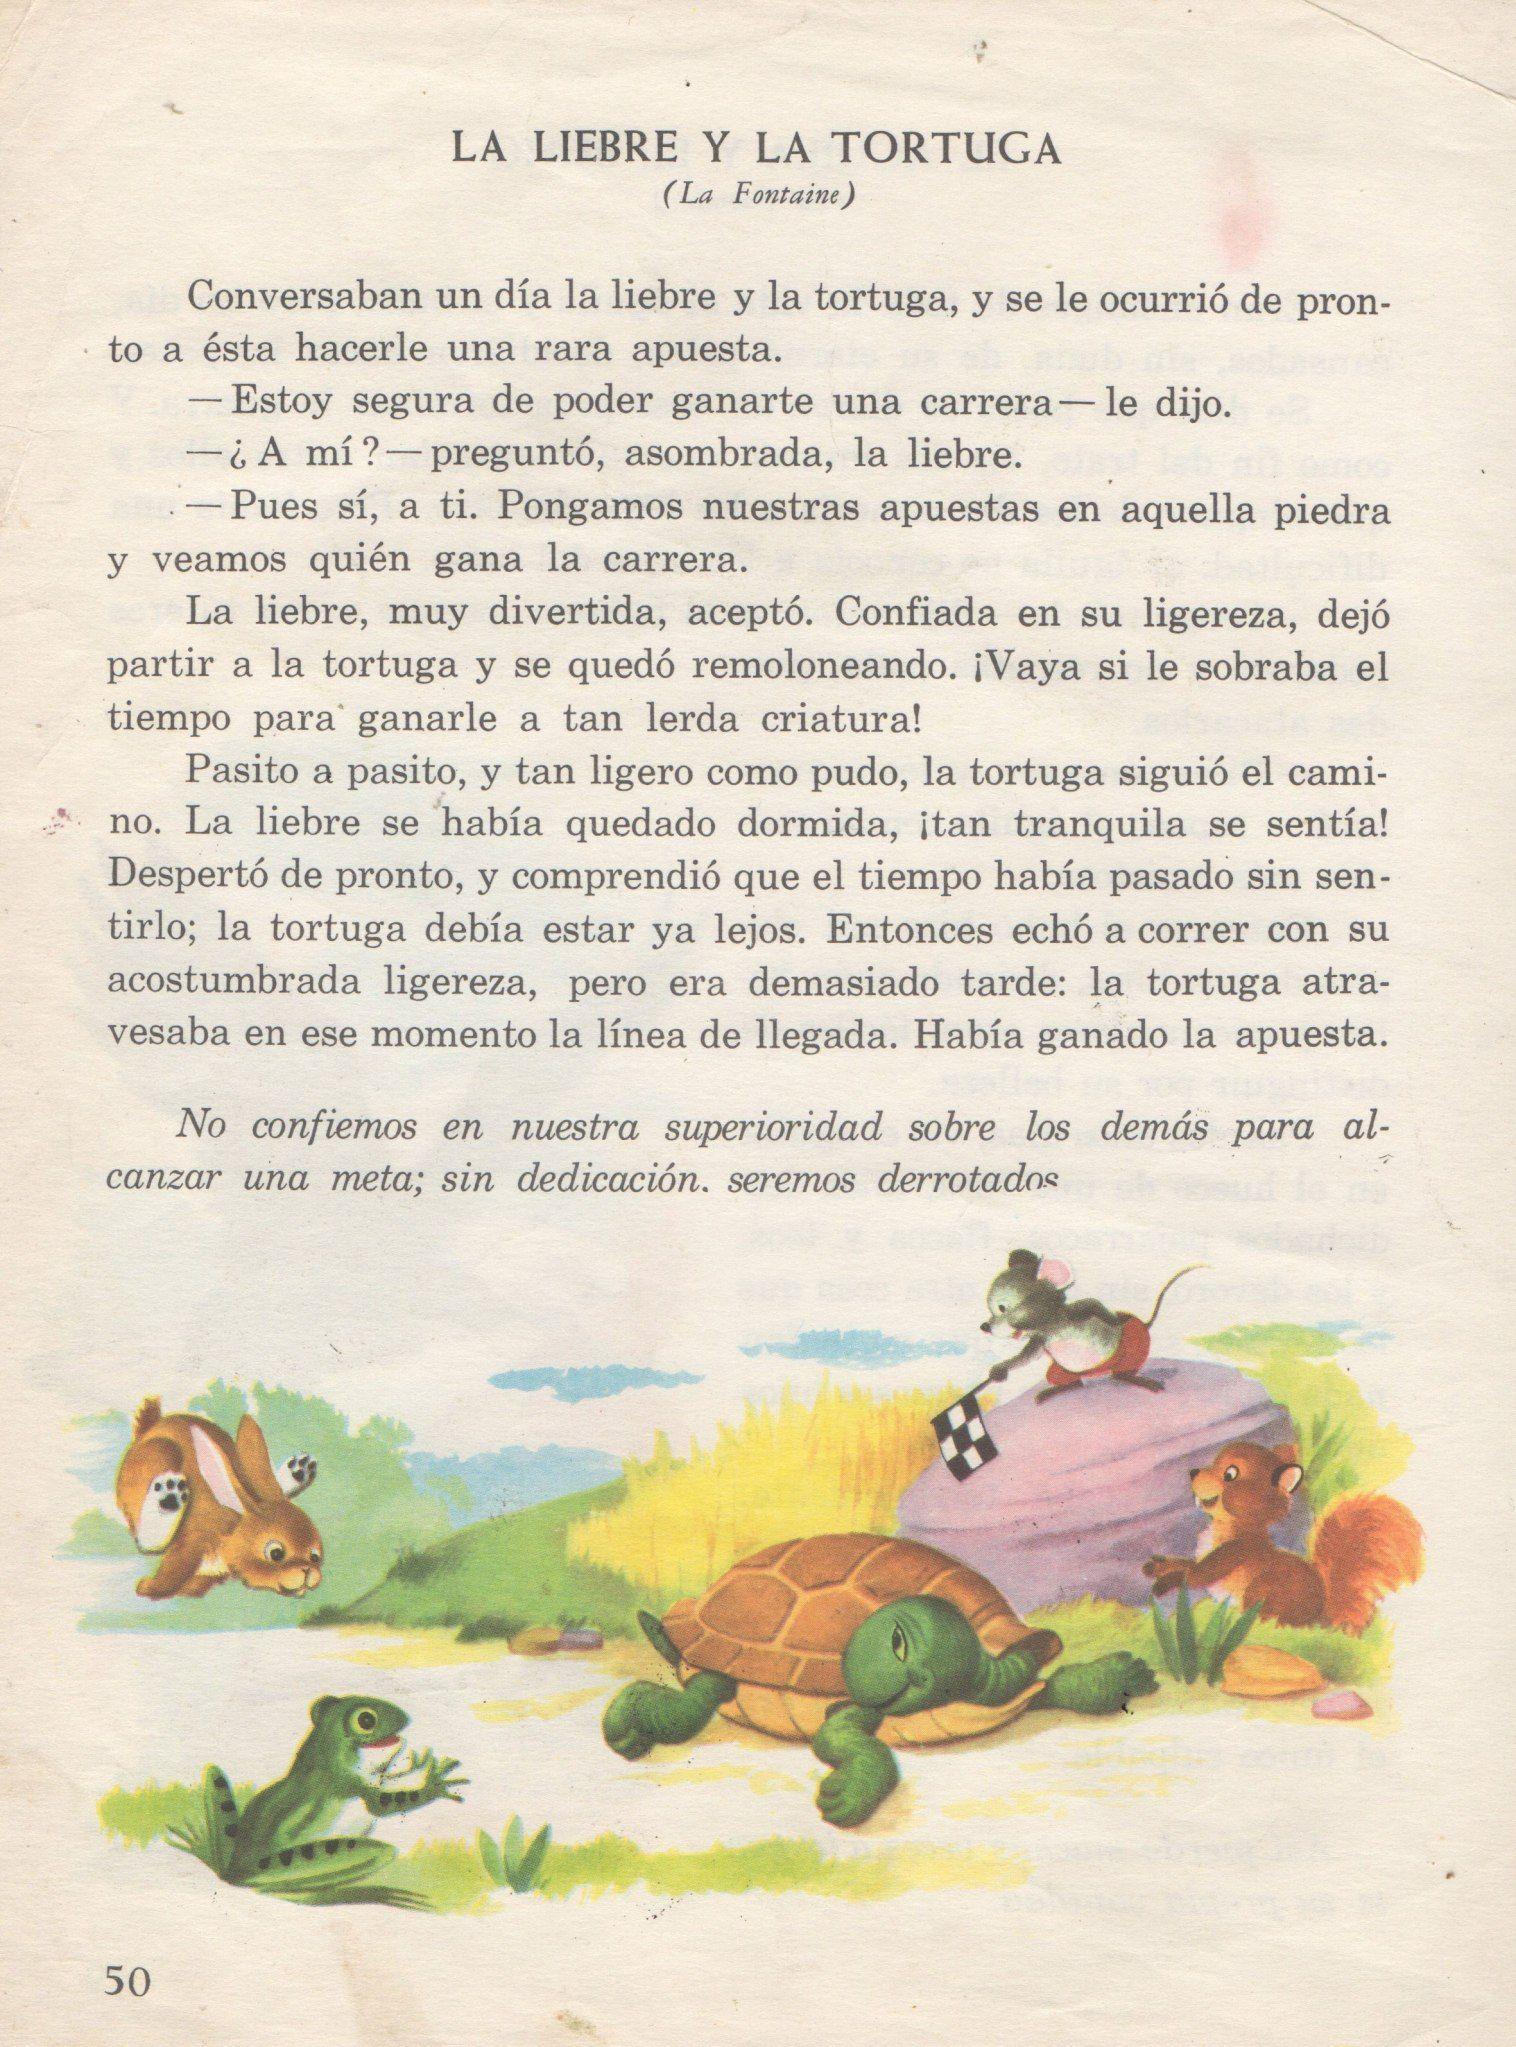 Raúl Stévano Fábulas Archivo De Ilustración Argentina Cuentos Cortos Para Imprimir Cuentos Infantiles Para Leer Cuentos Y Fabulas